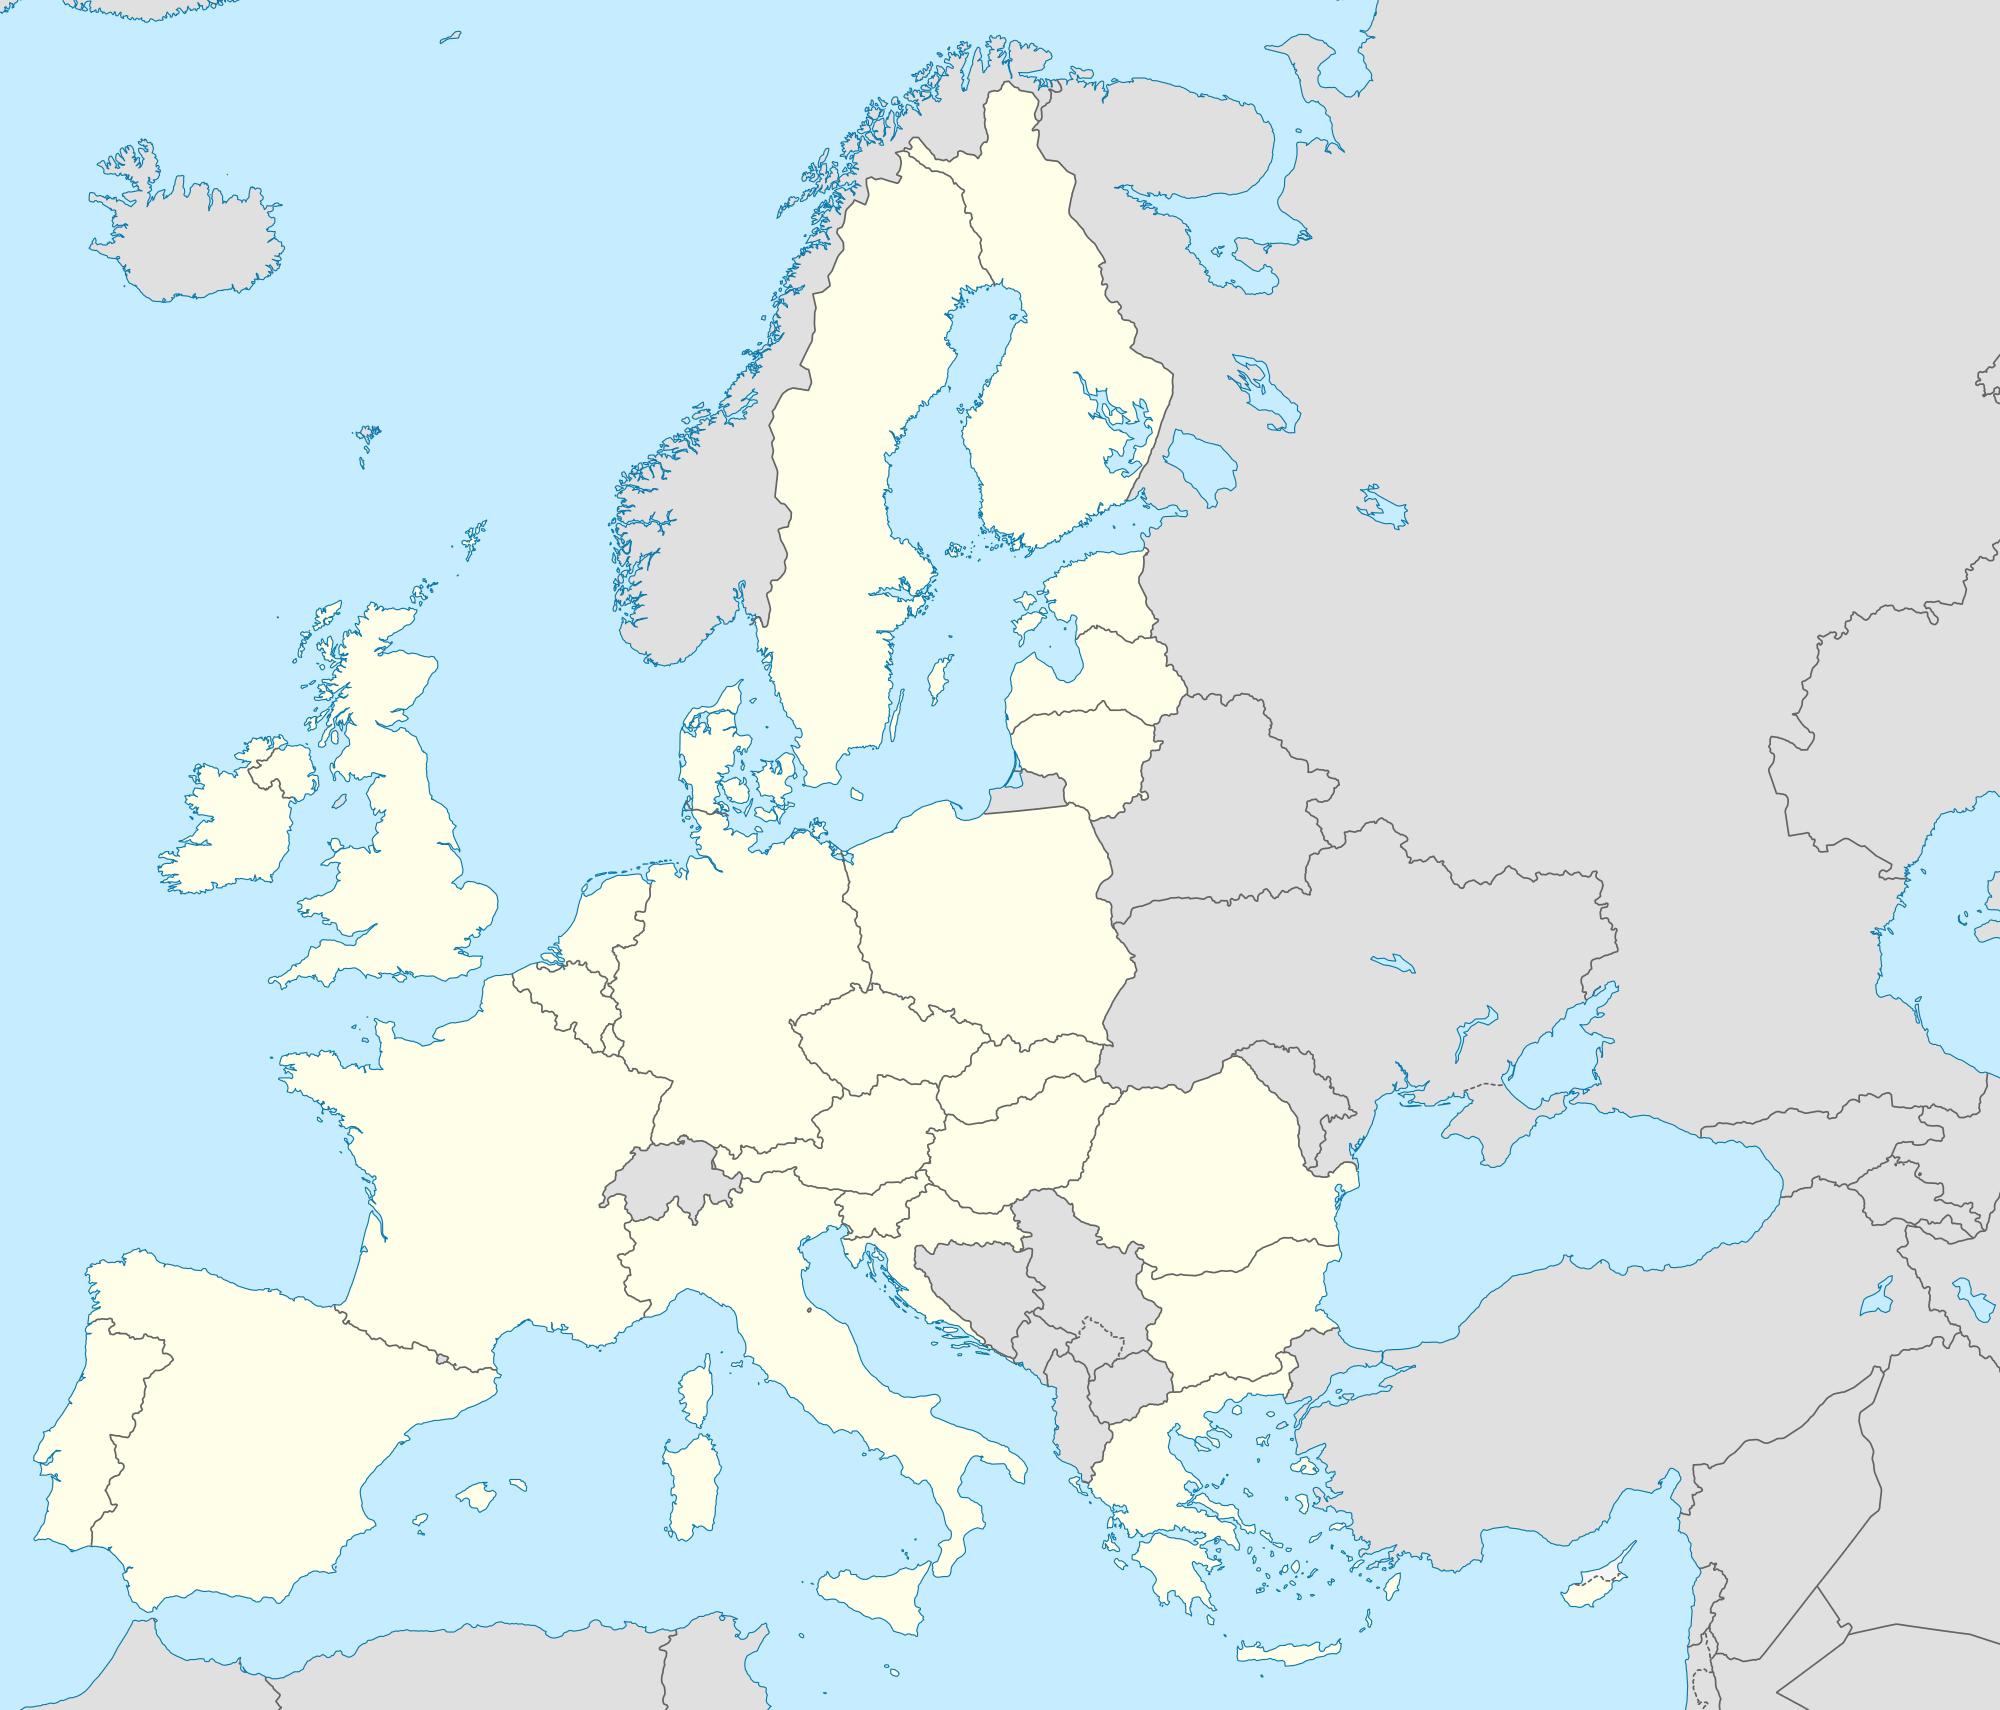 Mapa Politico Union Europea Mudo.Pin En Rea